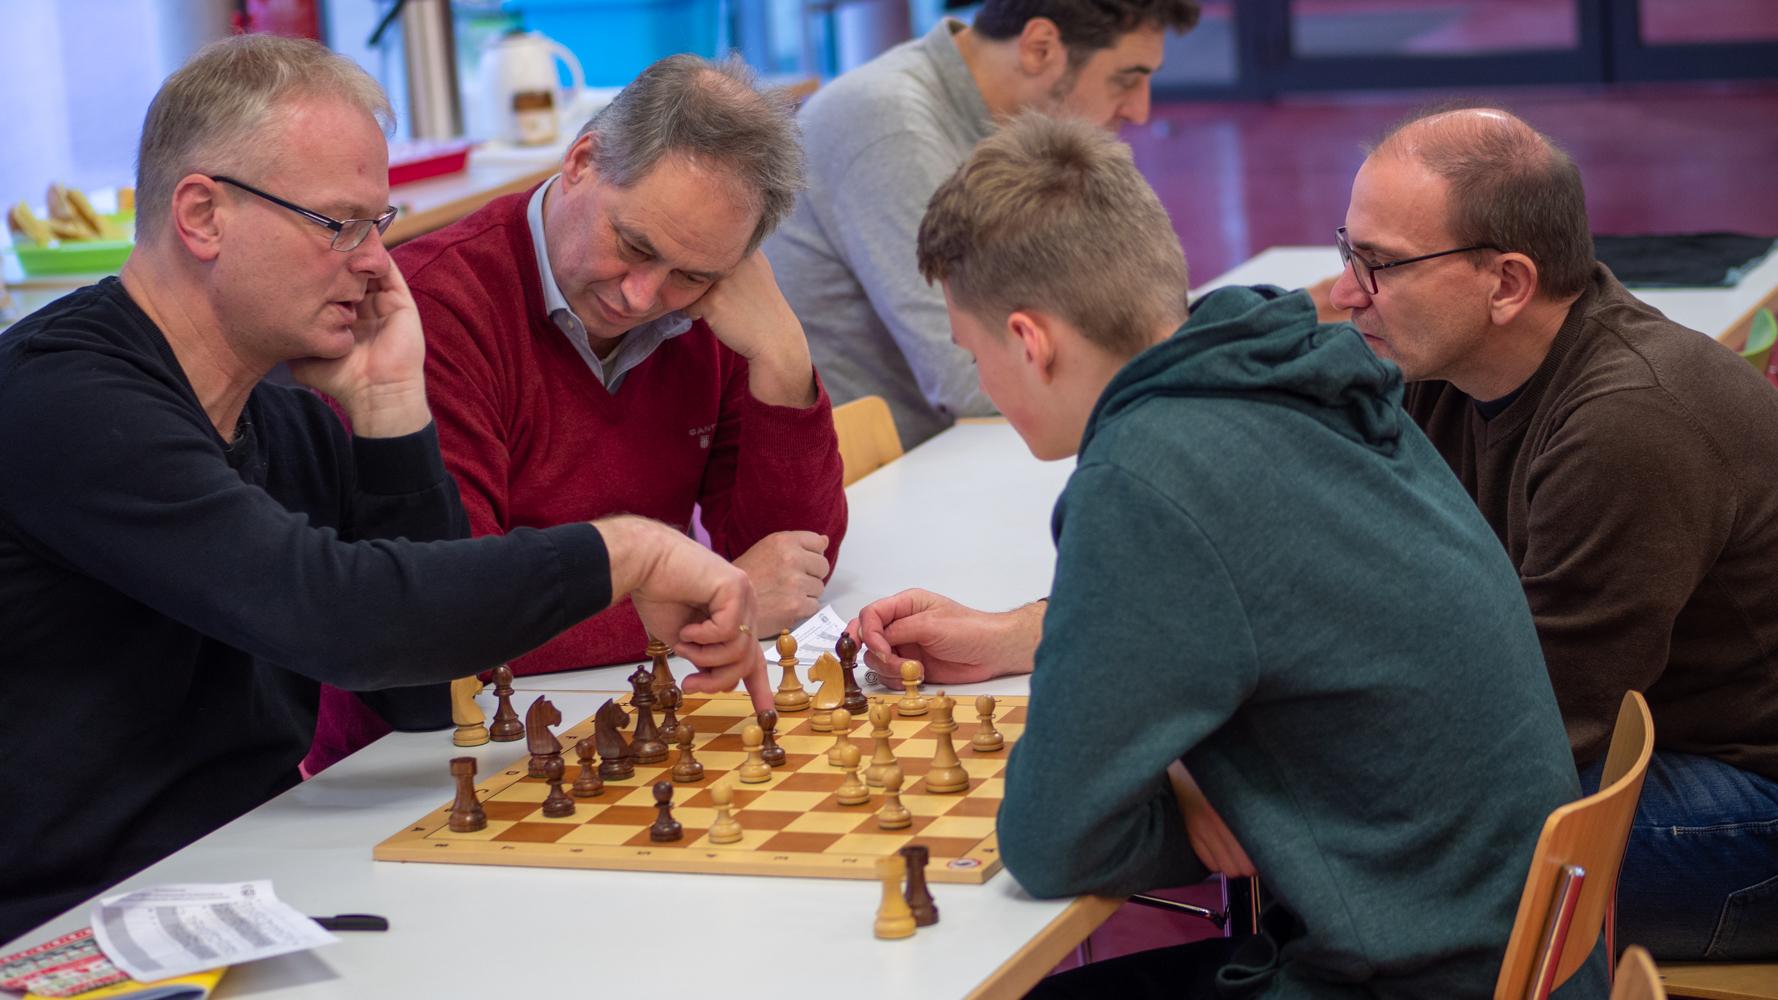 Thomas Harms, Dieter Meyer, Arne Toepsch und Rainer Land (v.l.n.r.) bei der Analyse von Arnes Gewinnpartie. Am Ende stand ein 8:0